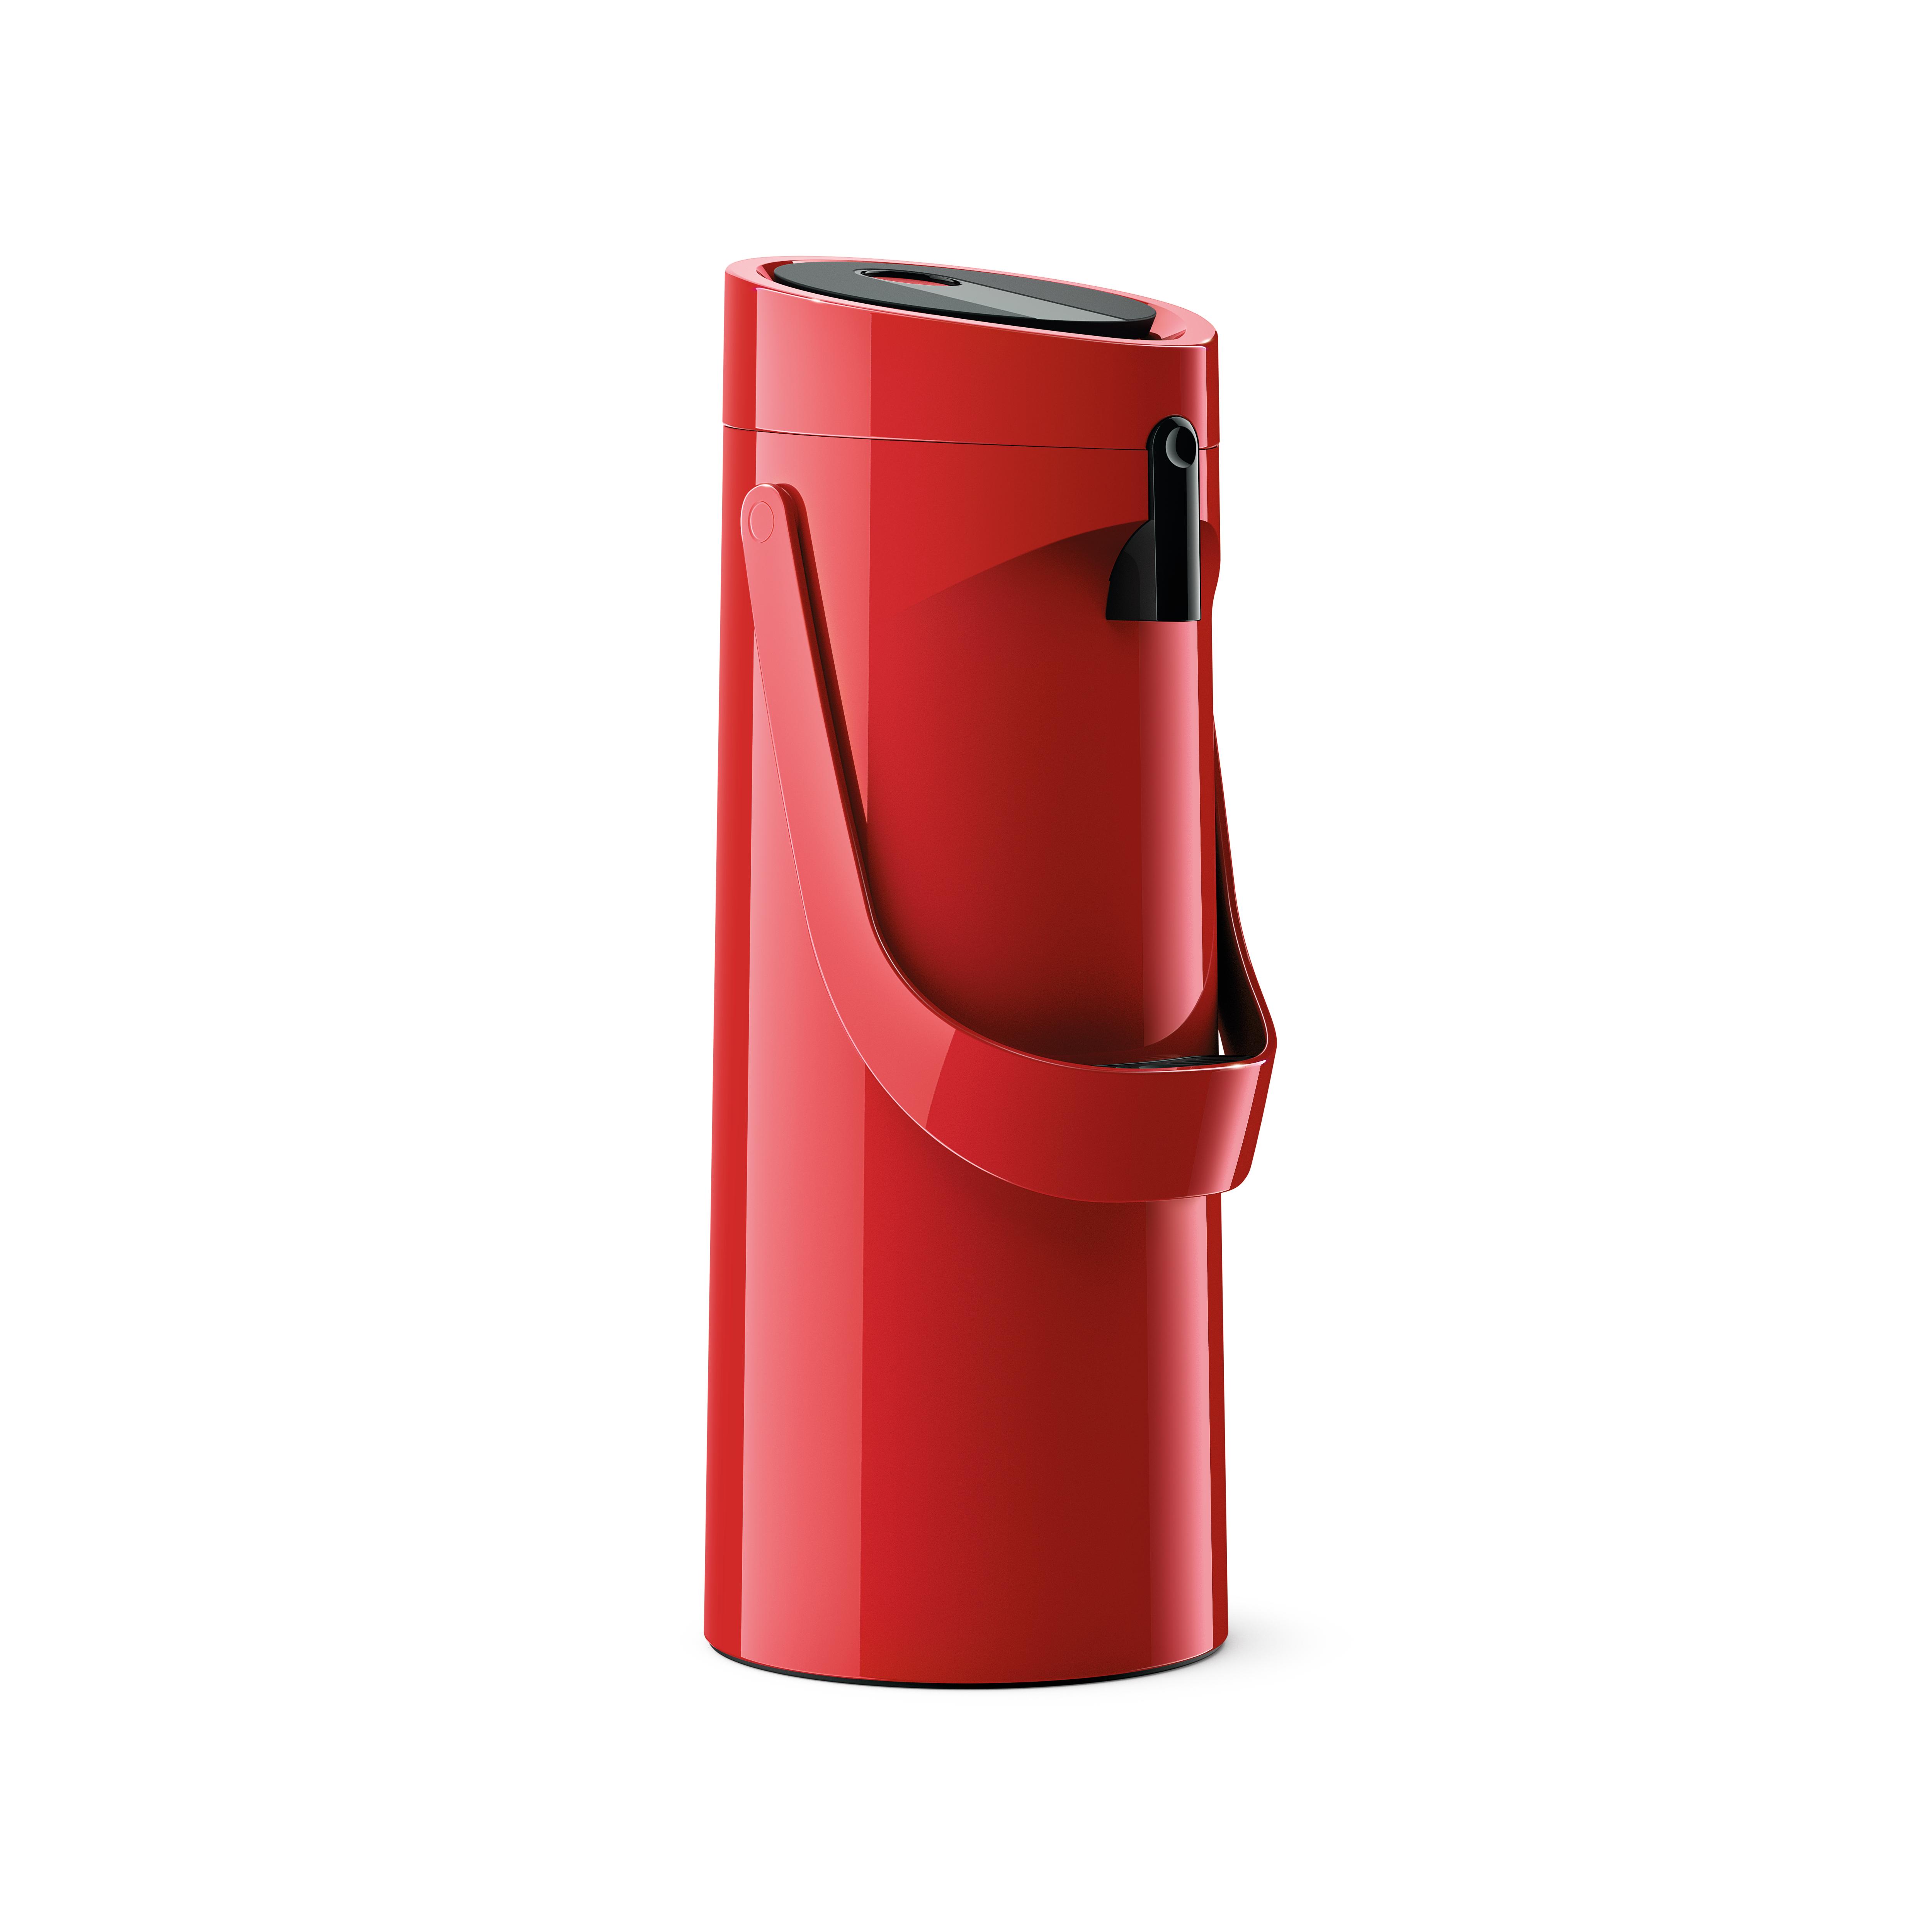 515708 EMSA PONZA Pump-Isolierkanne 1,9 L Rot